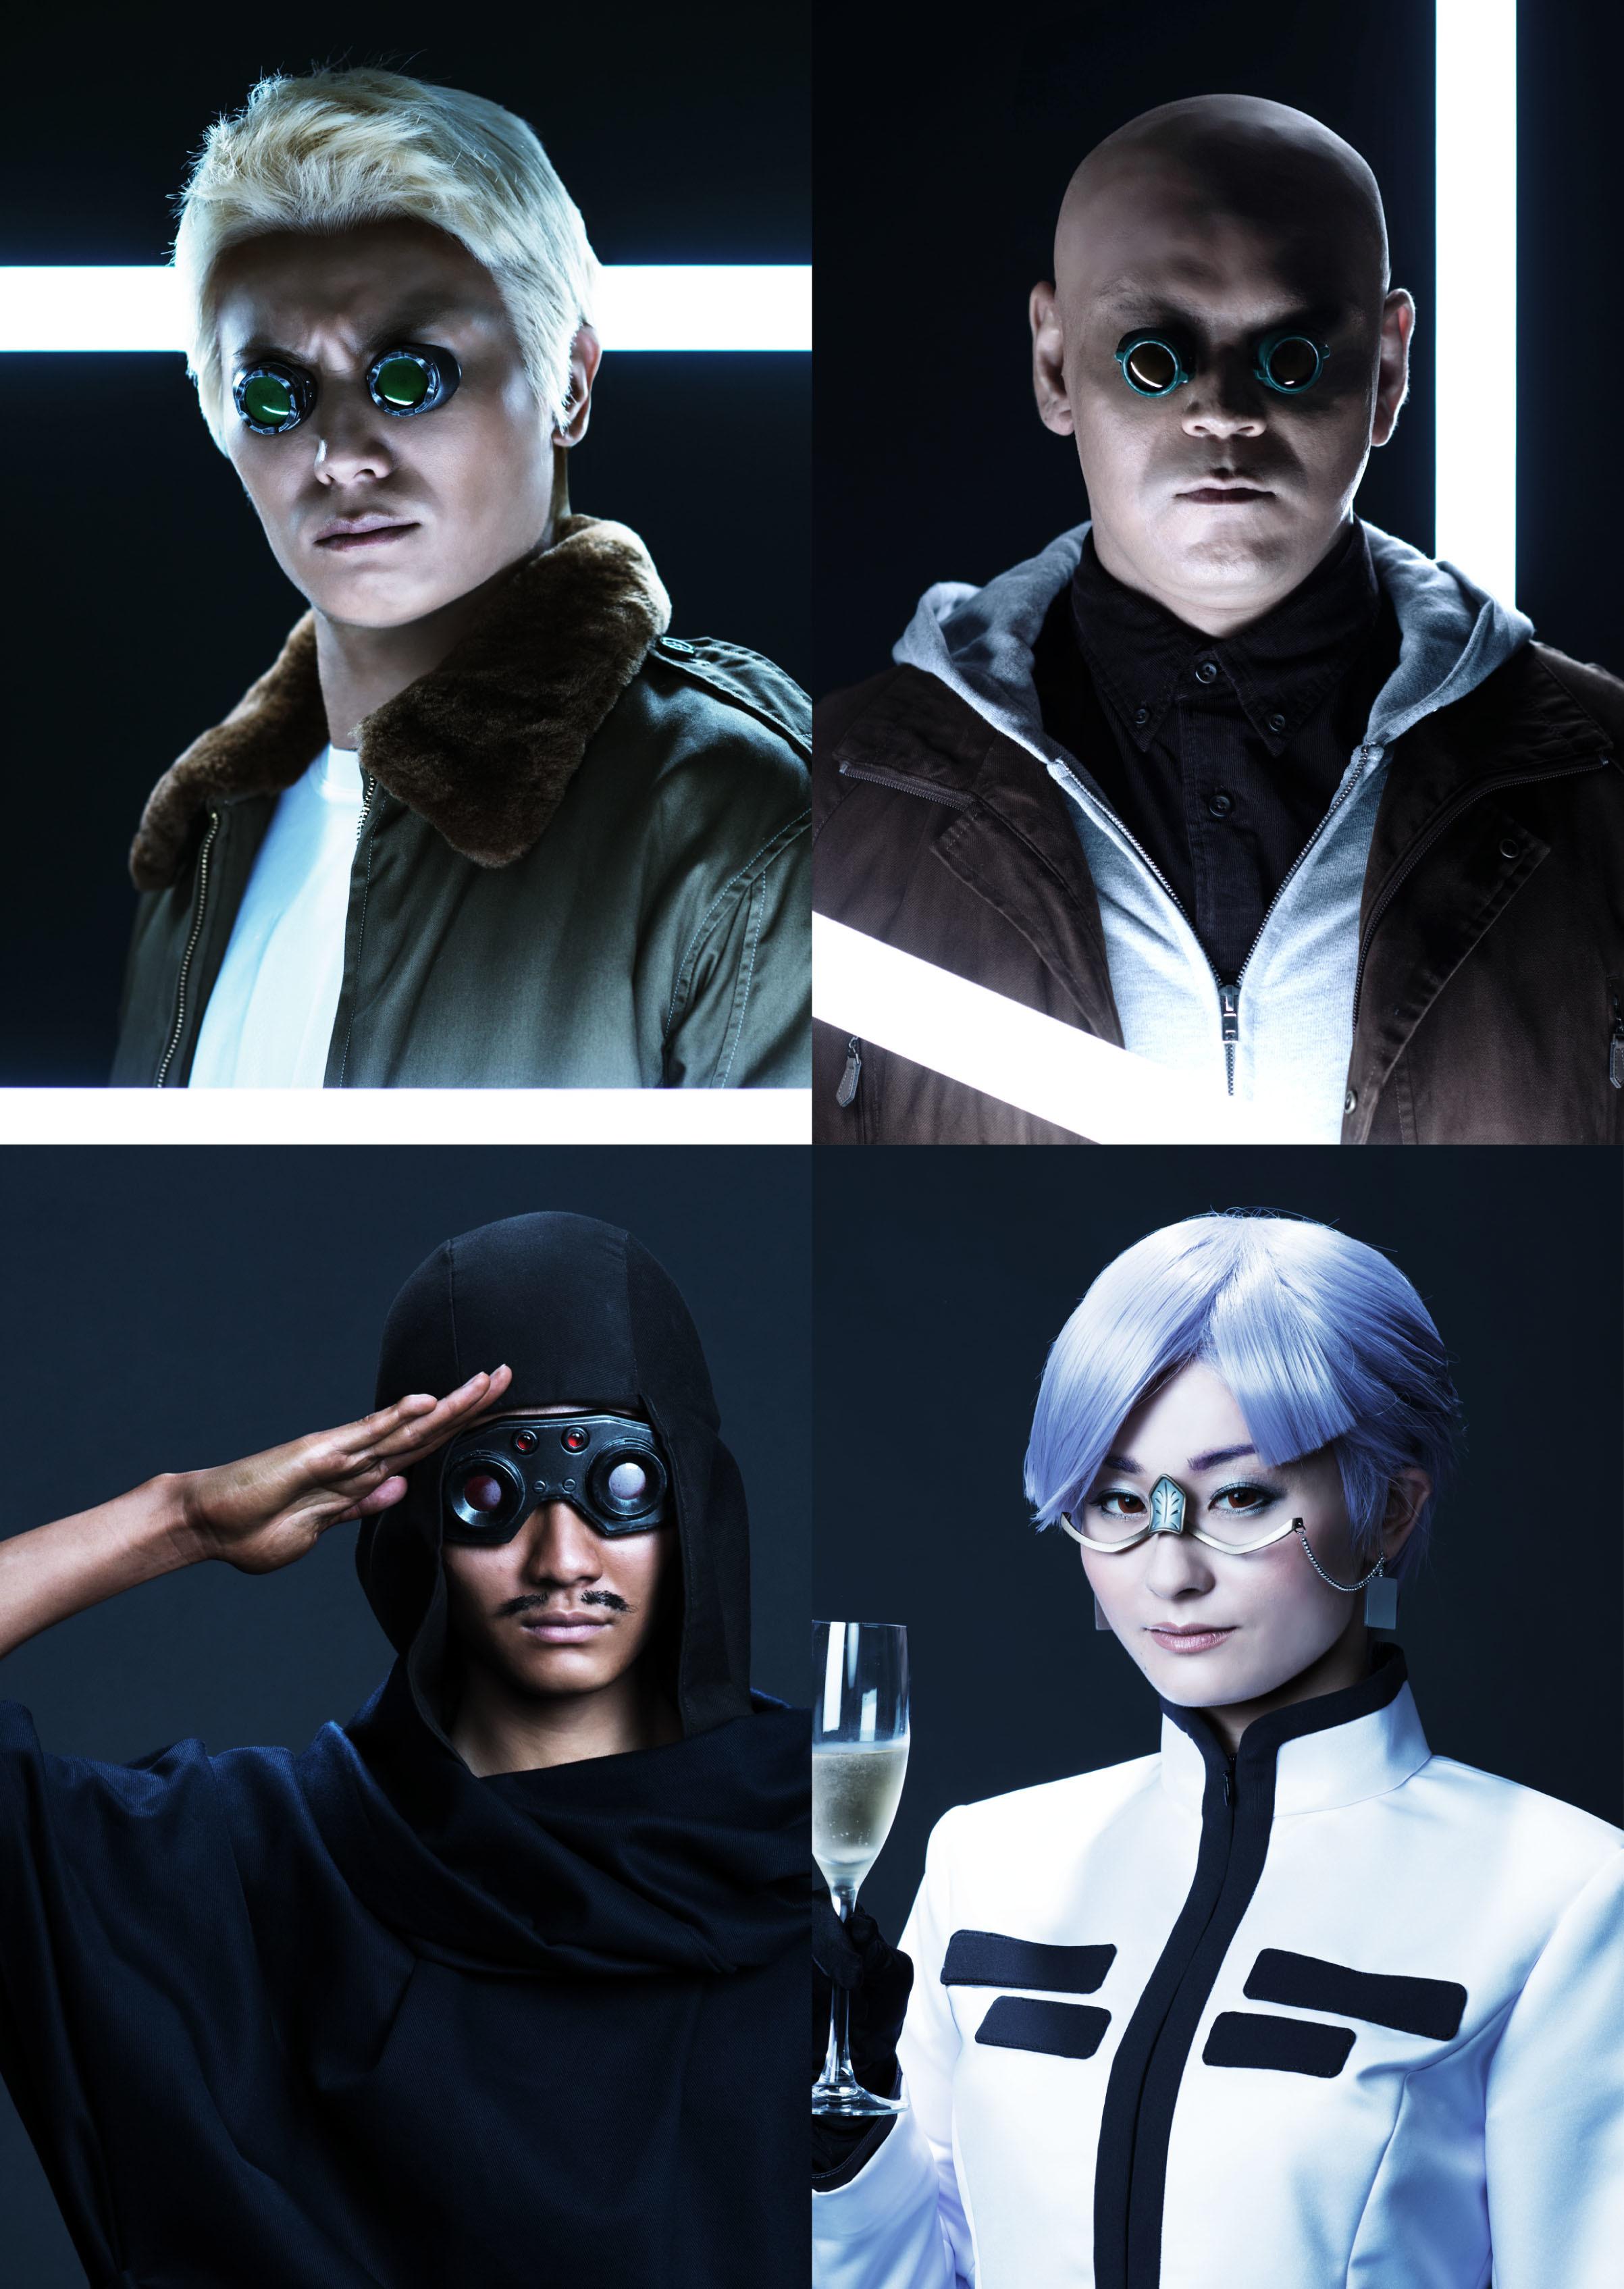 全キャラ発表!「攻殻機動隊ARISE:GHOST is ALIVE」  ©士郎正宗・Production I.G/講談社・「攻殻機動隊ARISE」製作委員会